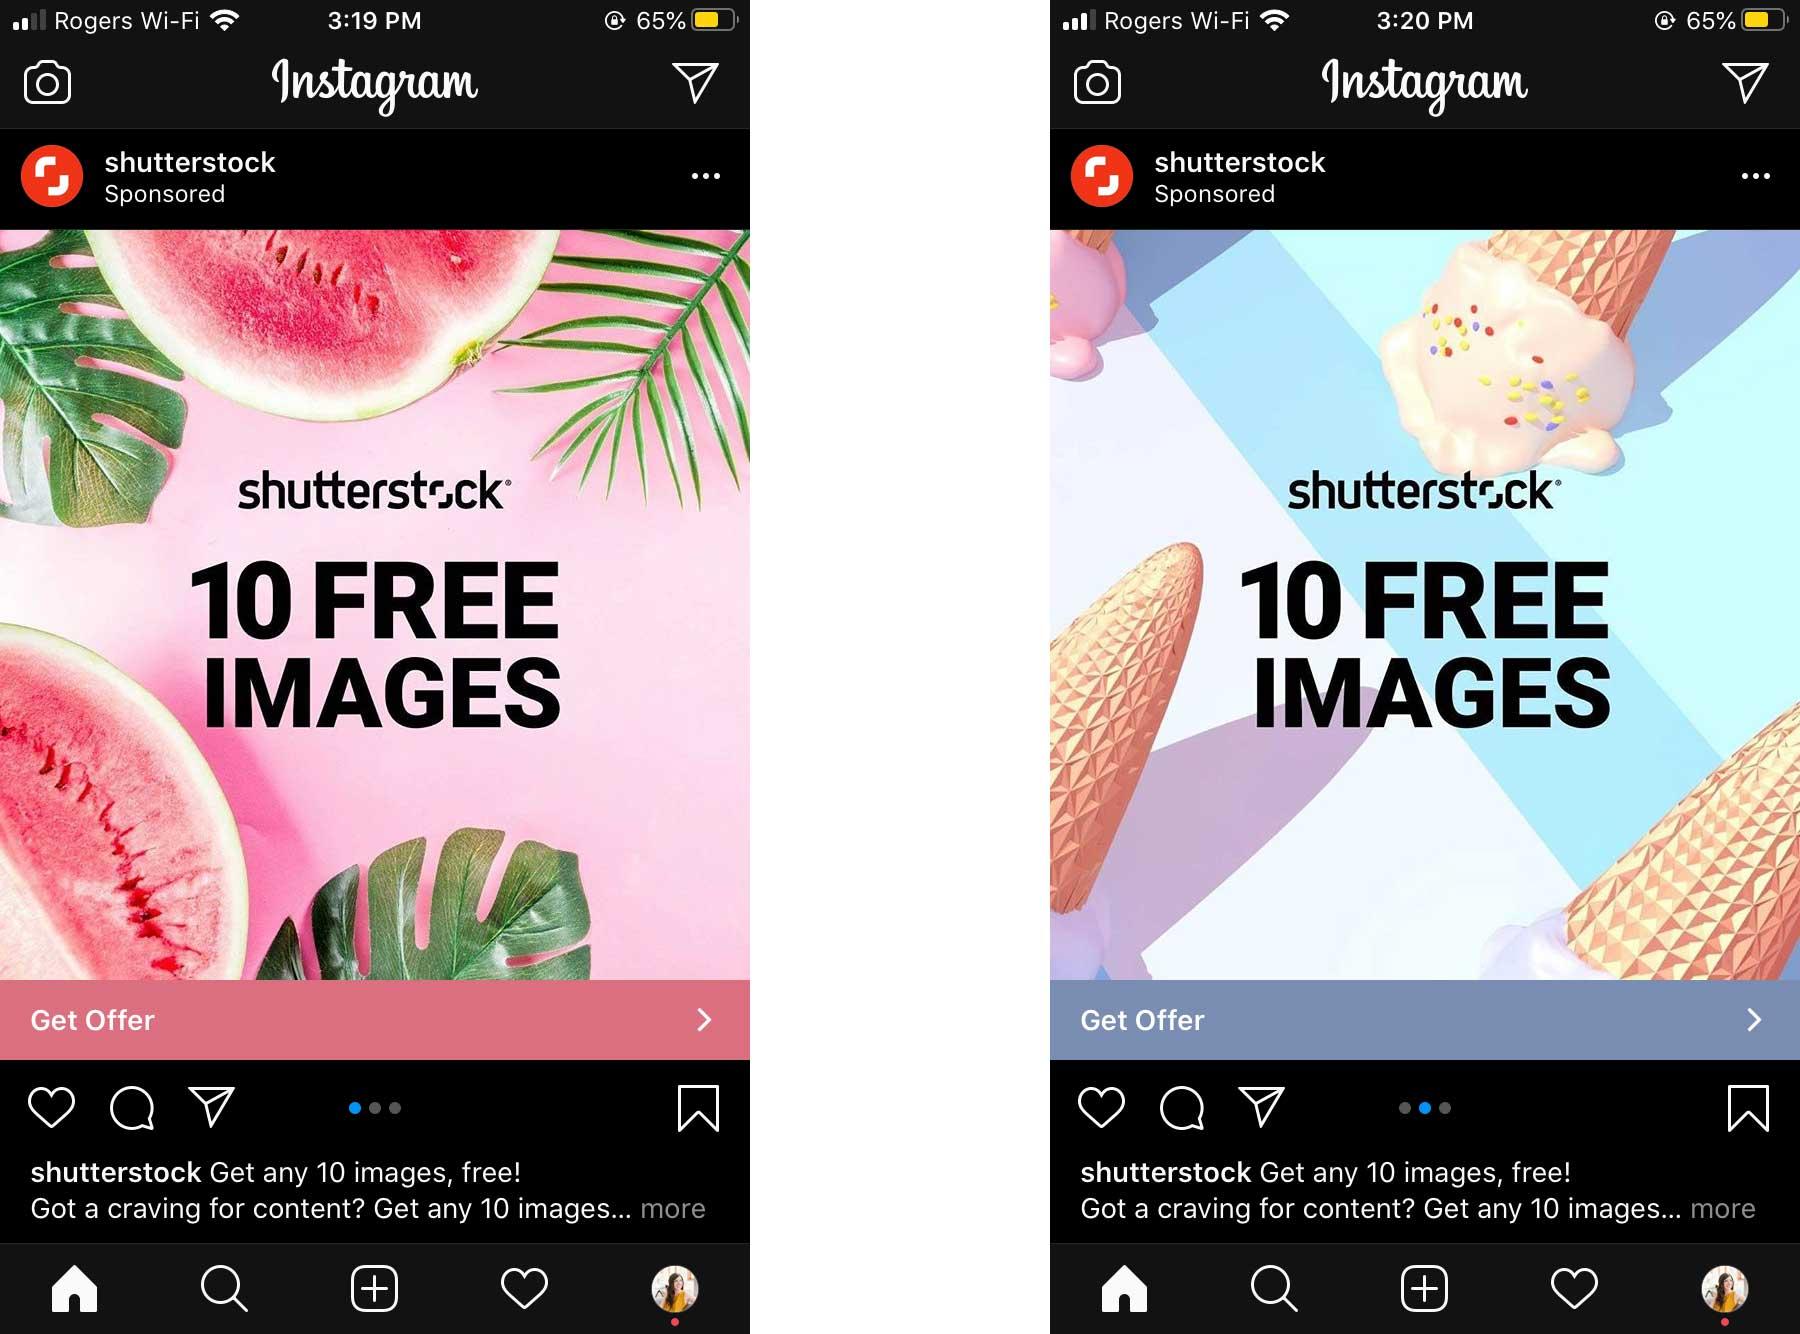 publicités carrousel sur Instagram